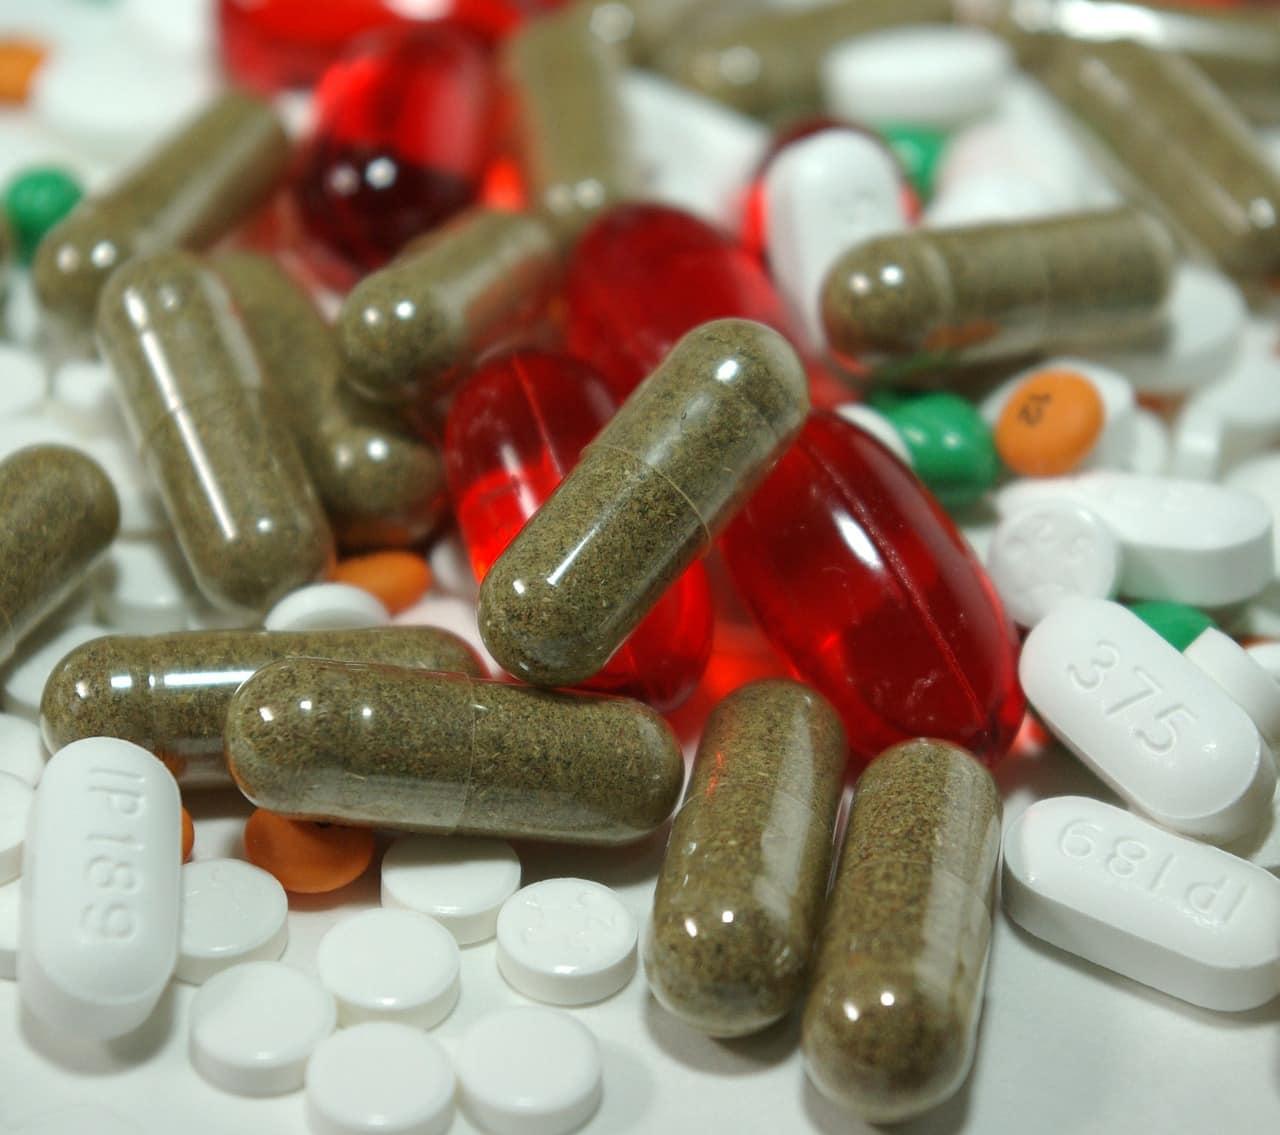 אילוסטרציה של תרופות שיש לקחת איתן תוסף של חומצה פולית